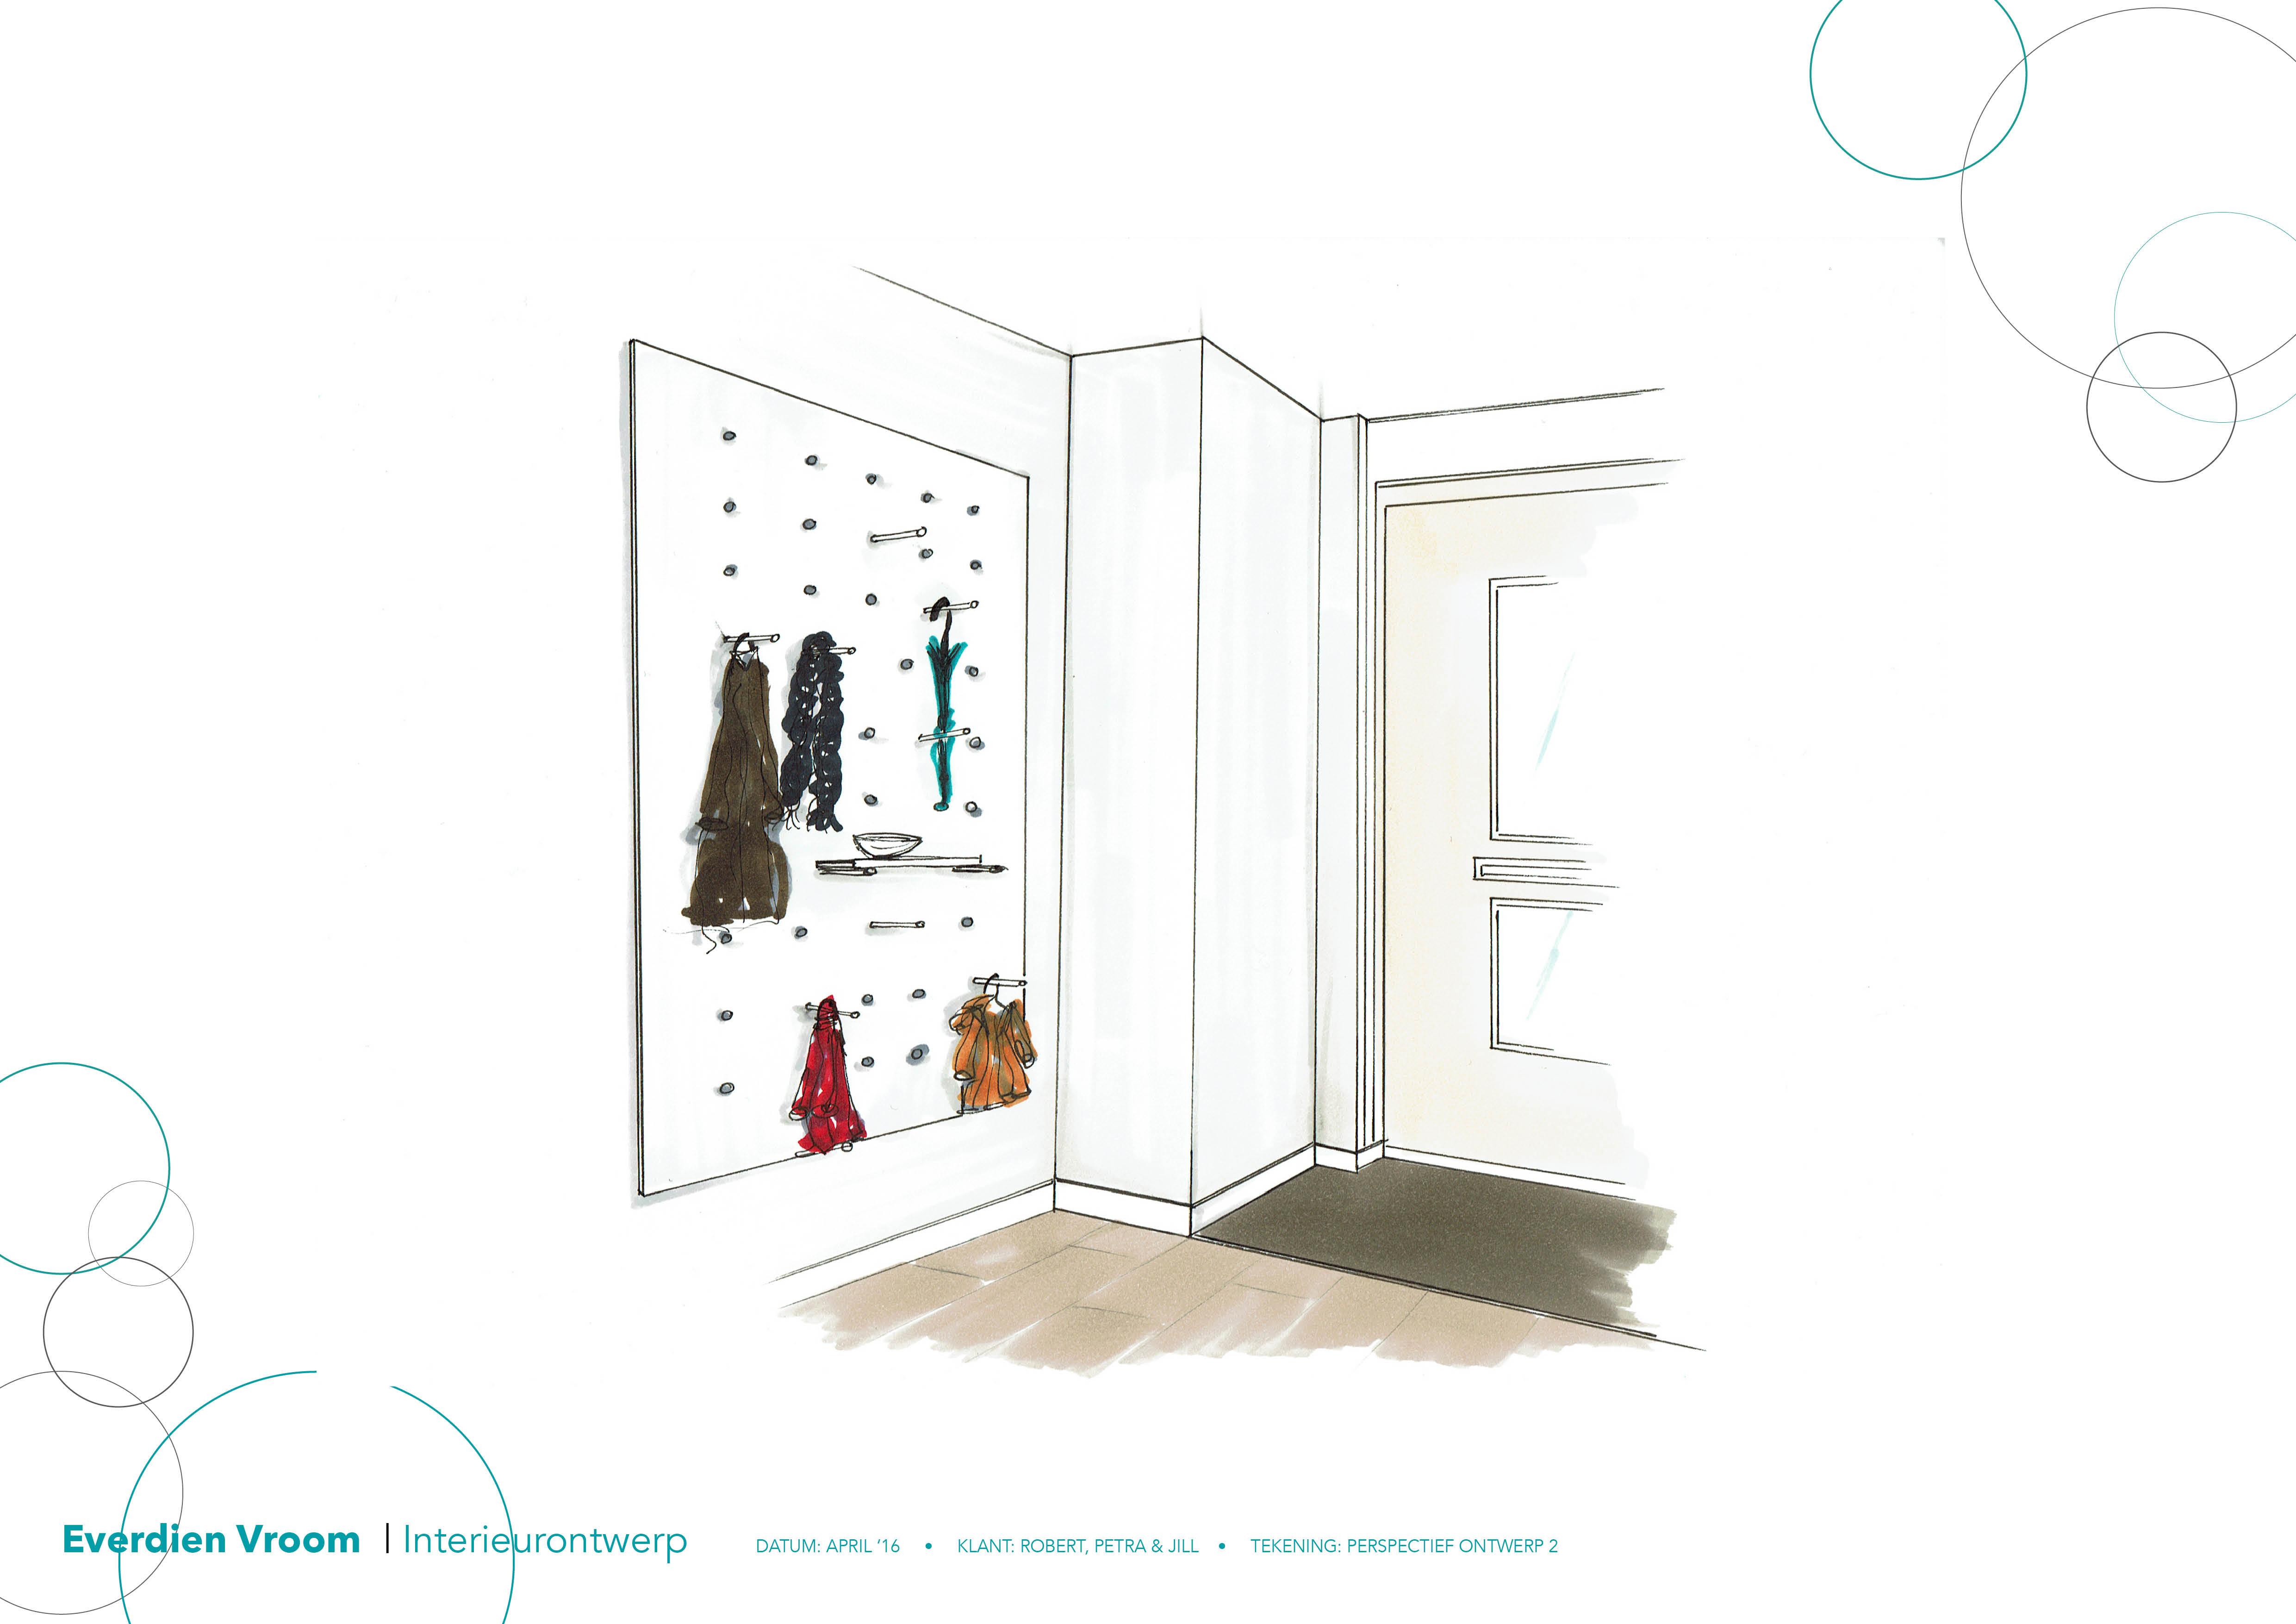 Idee voor de hal everdien vroom interieurontwerp